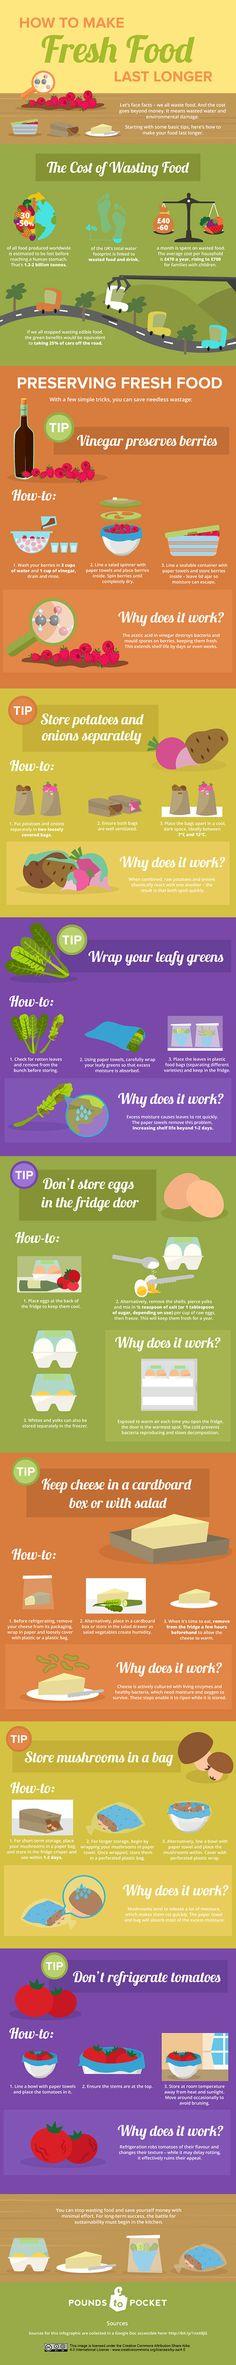 INFOGRAPHIC: Make Fresh Food Last Longer